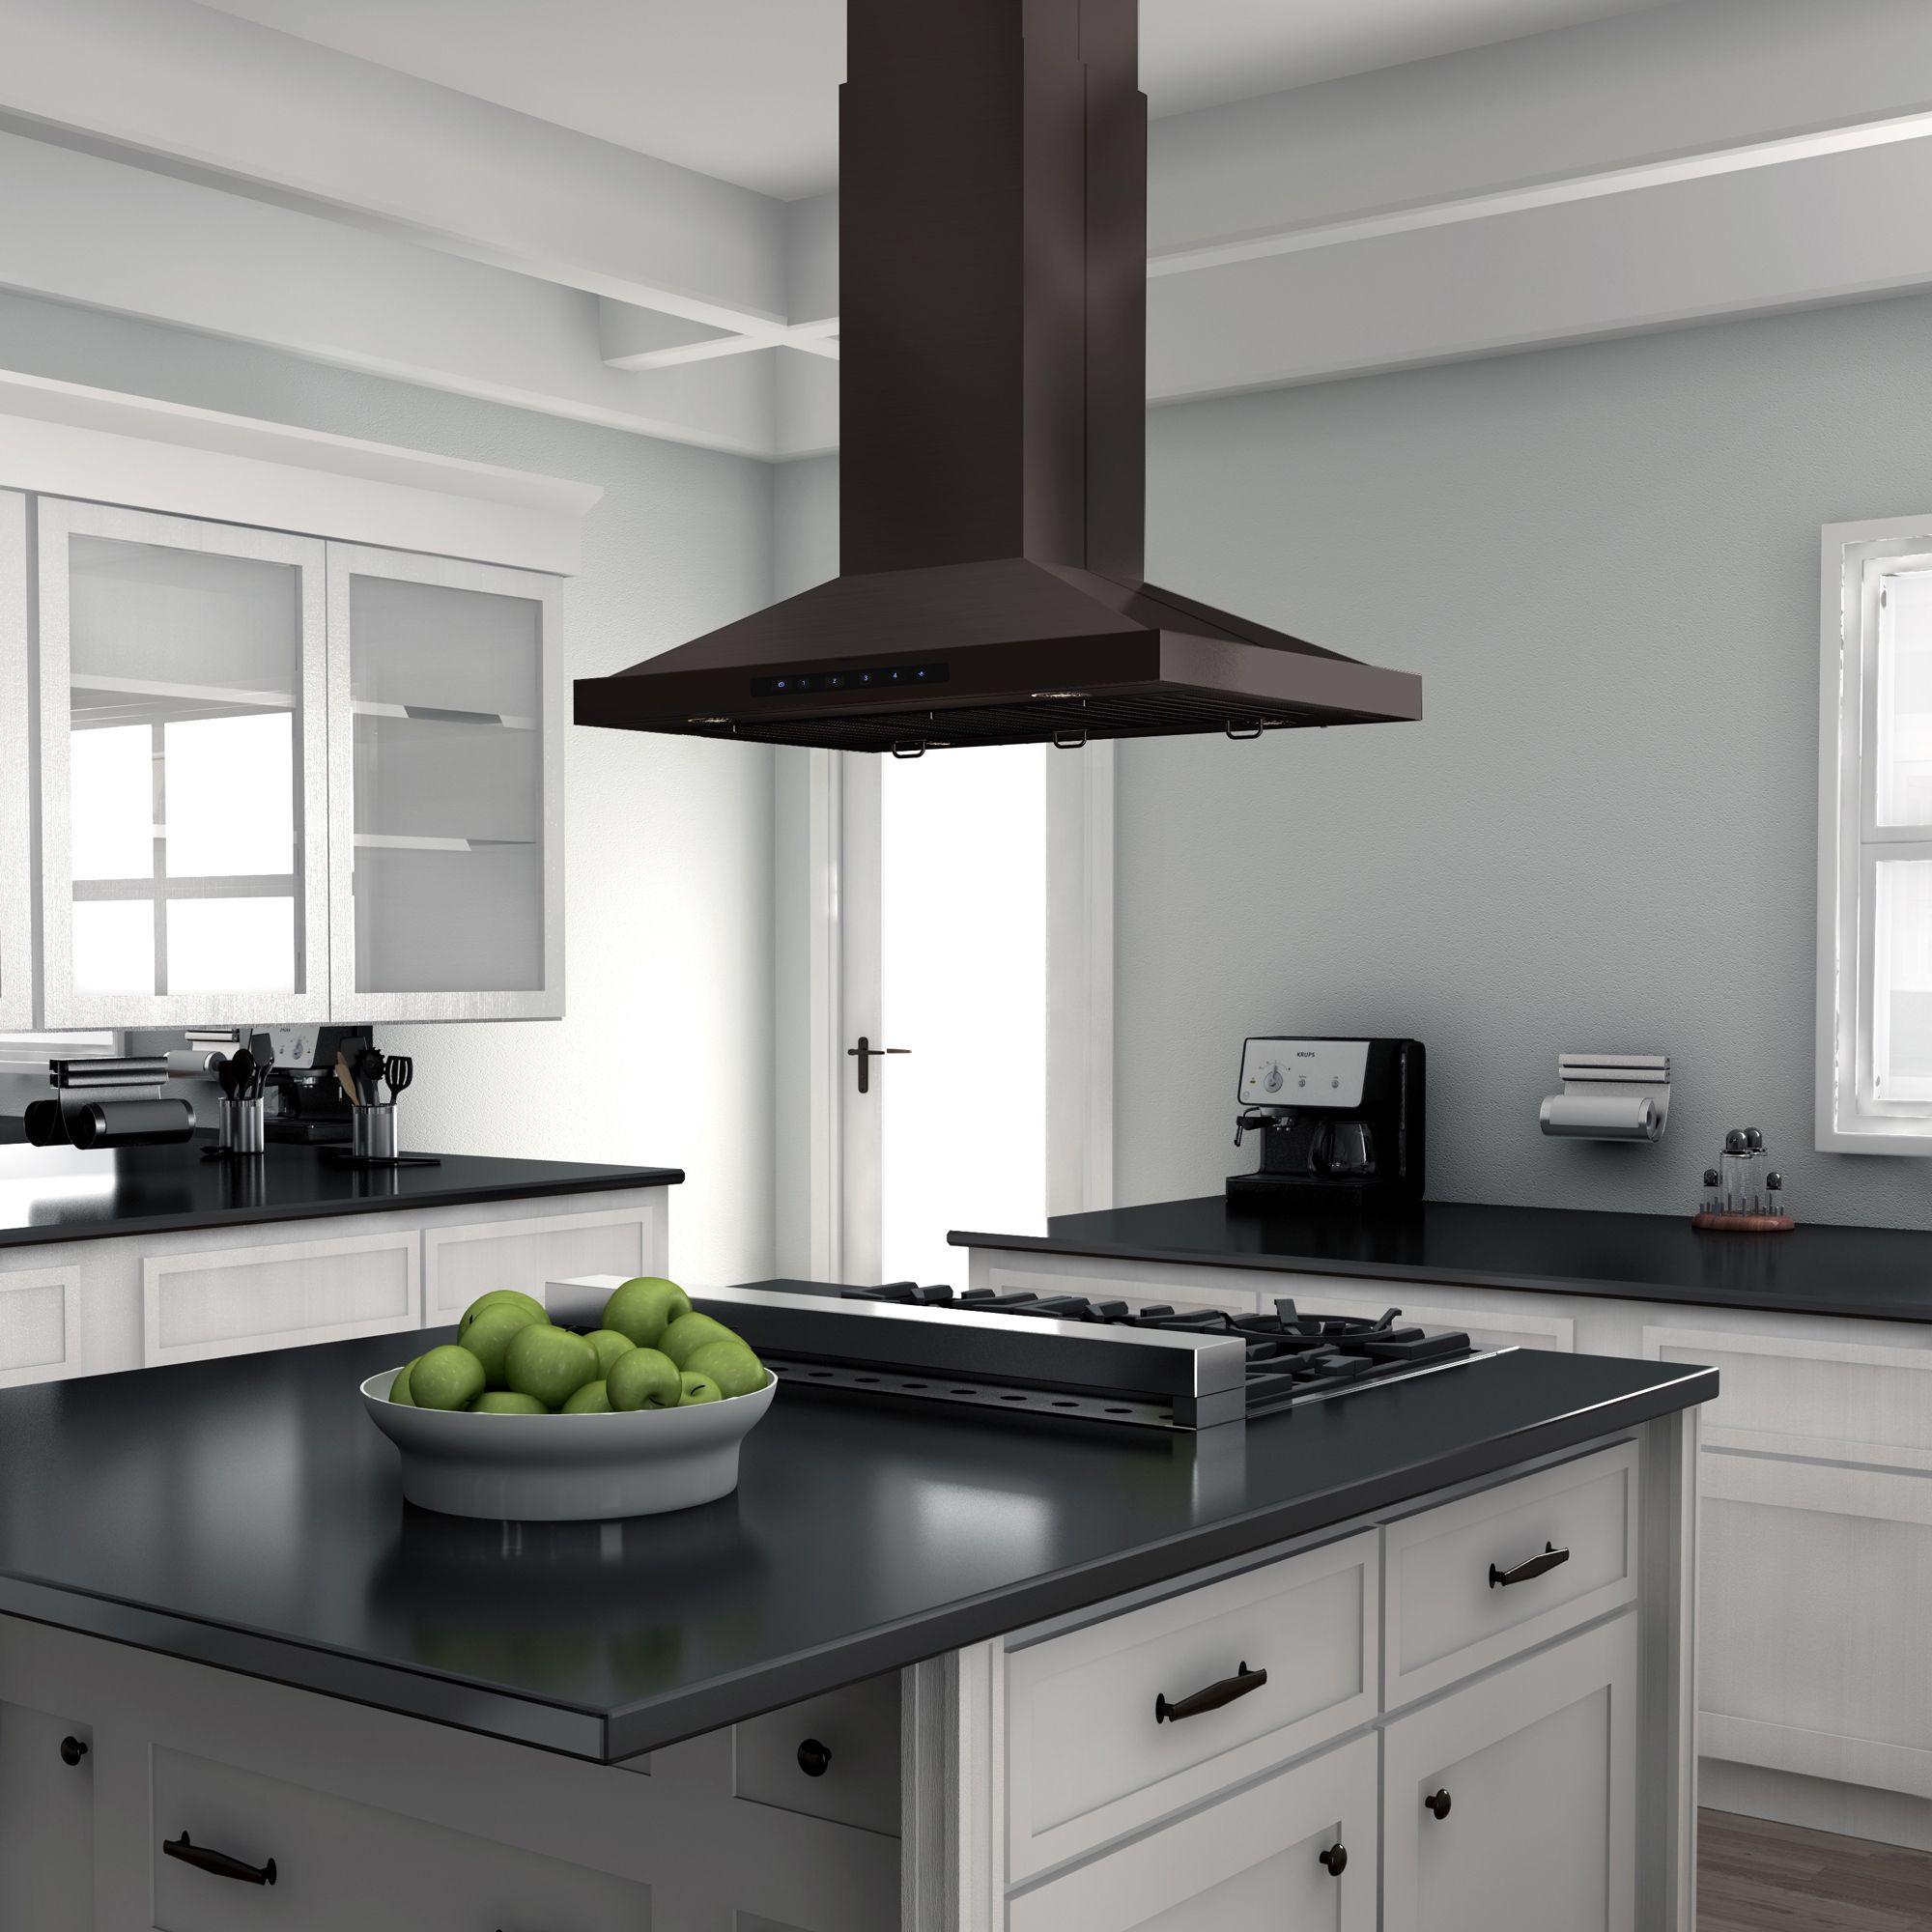 Black Stainless Island Bsgl2in Zline Kitchen Island Range Hood Kitchen Installation Range Hood